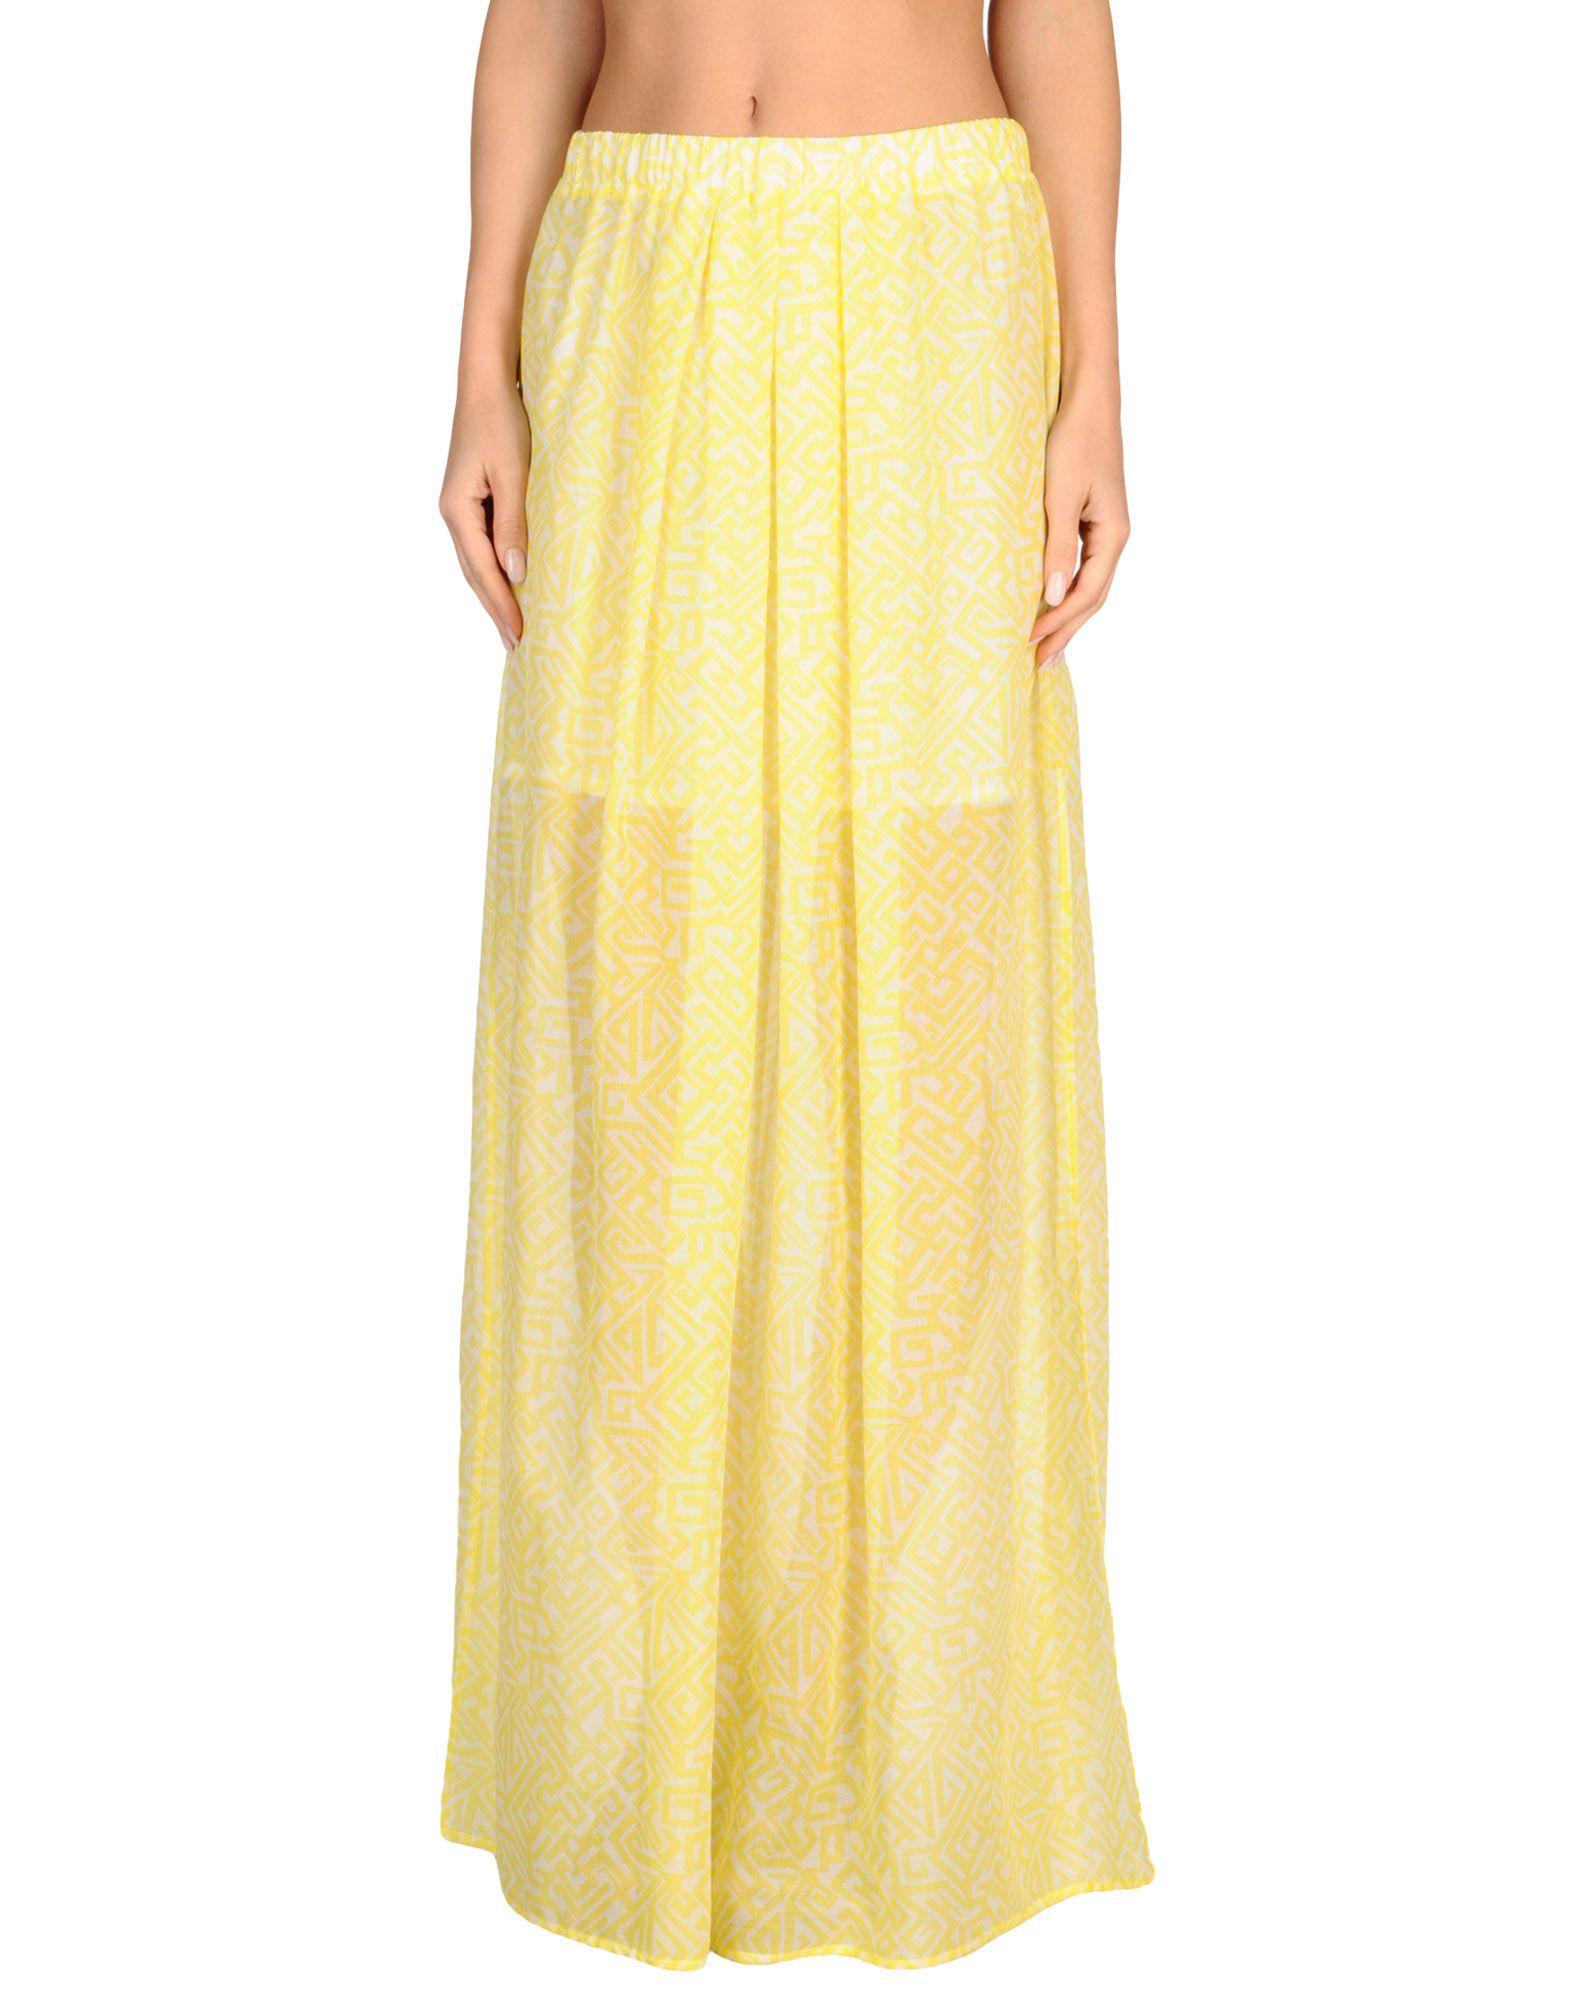 PATRIZIA PEPE BEACHWEAR Пляжное платье платье patrizia pepe patrizia pepe pa748ewptm91